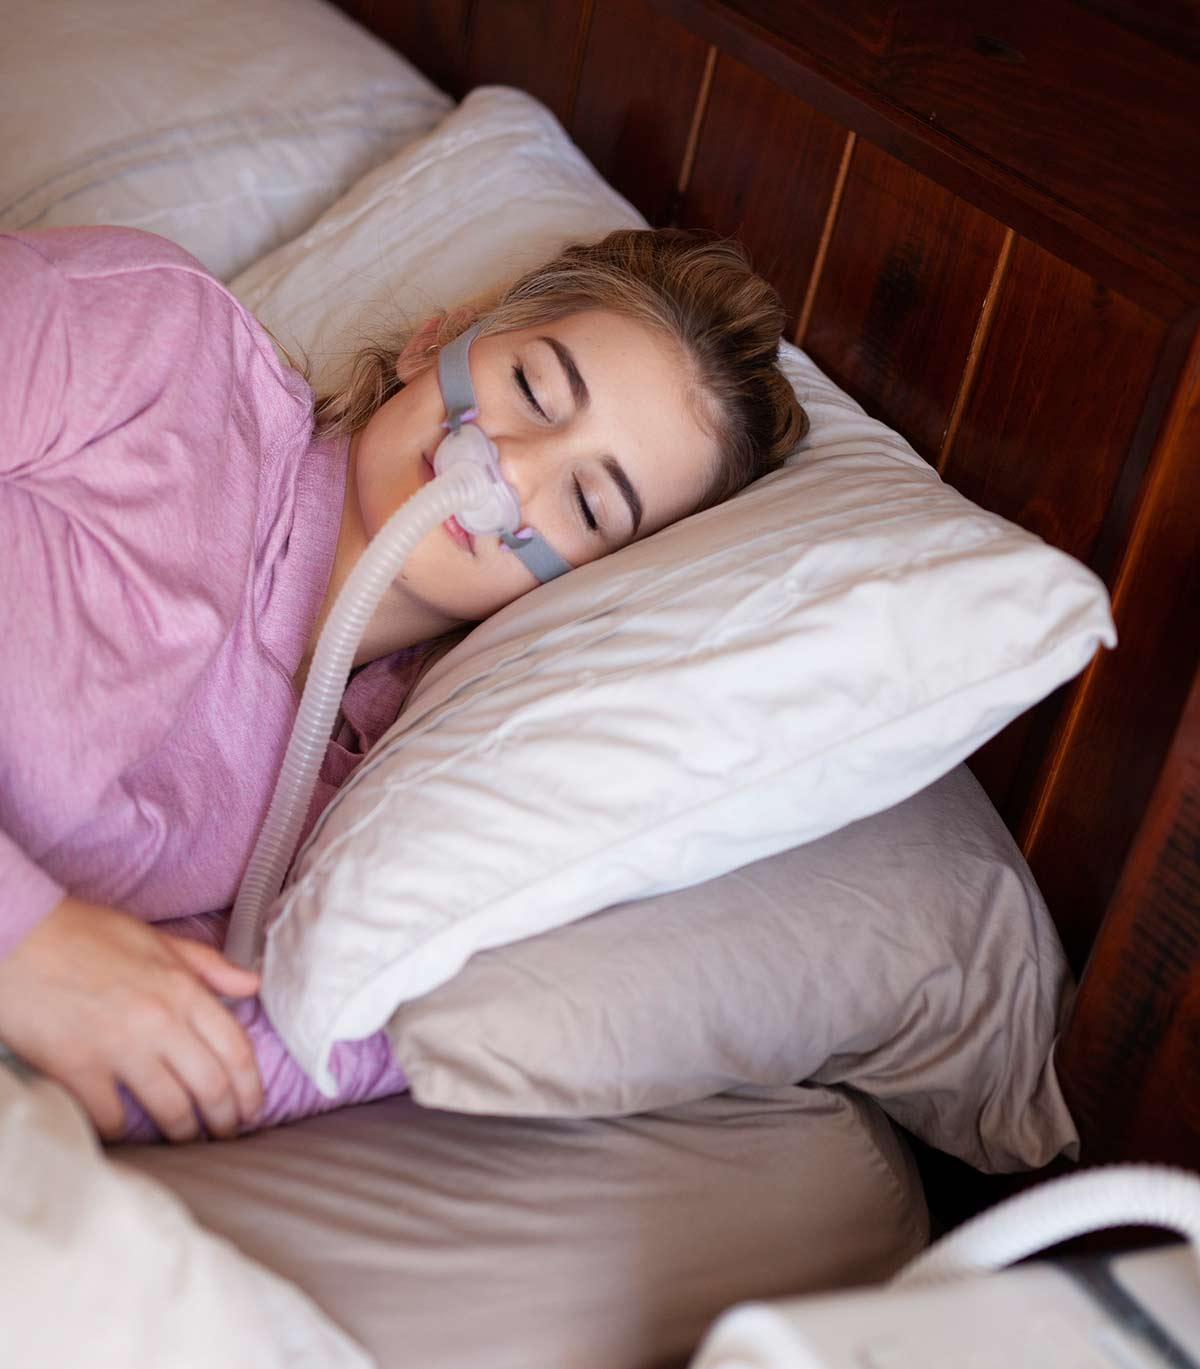 Frau schläft ruhig dank perfekt sitzender CPAP-Maske